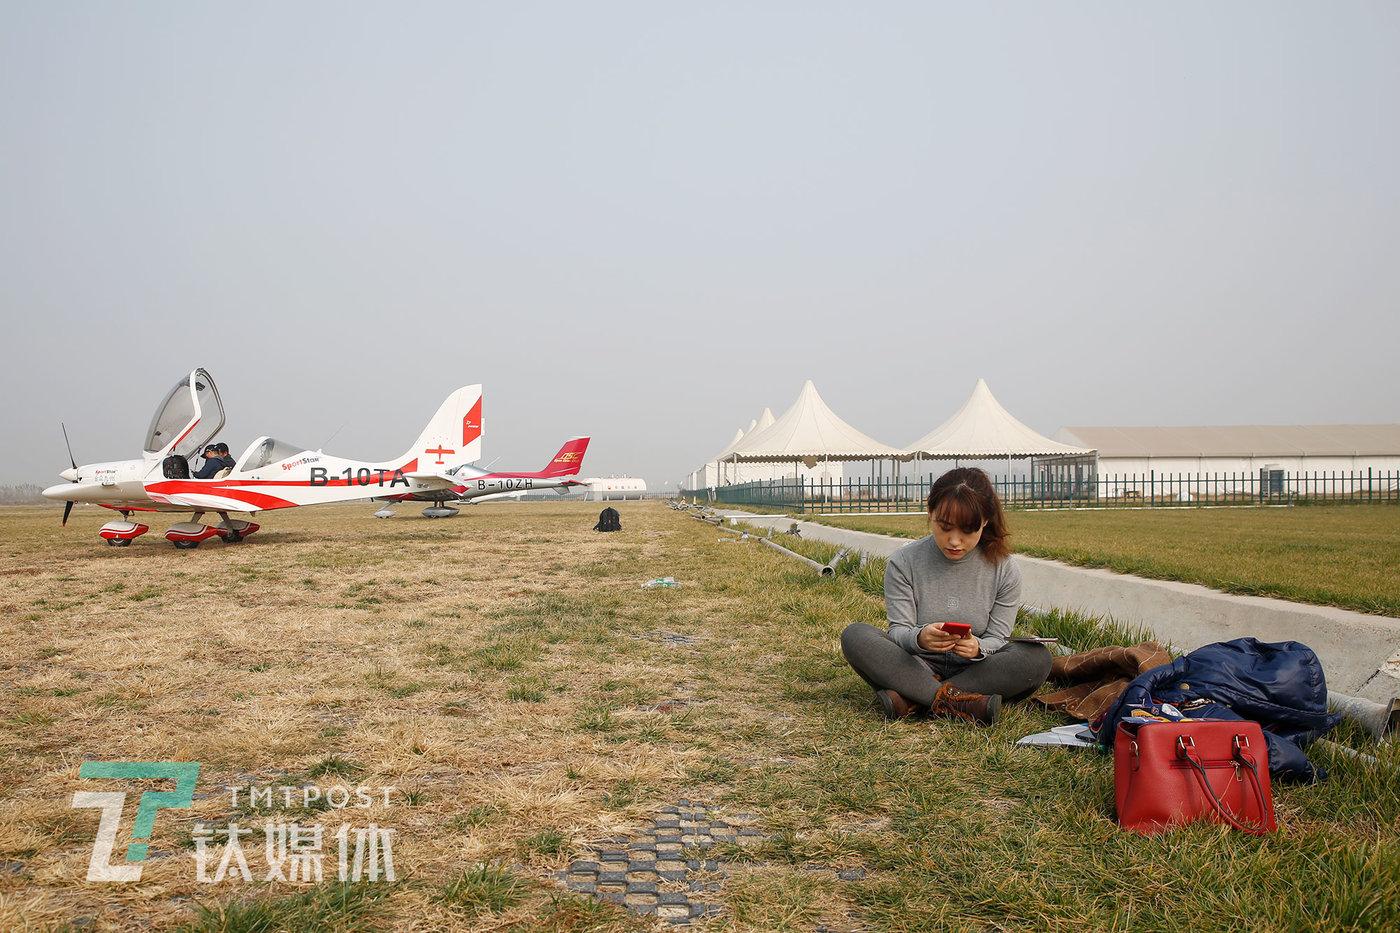 2020年11月16日,飞行练习过后,武凡辰坐在草地休息,闲暇时用手机处理工作事宜。